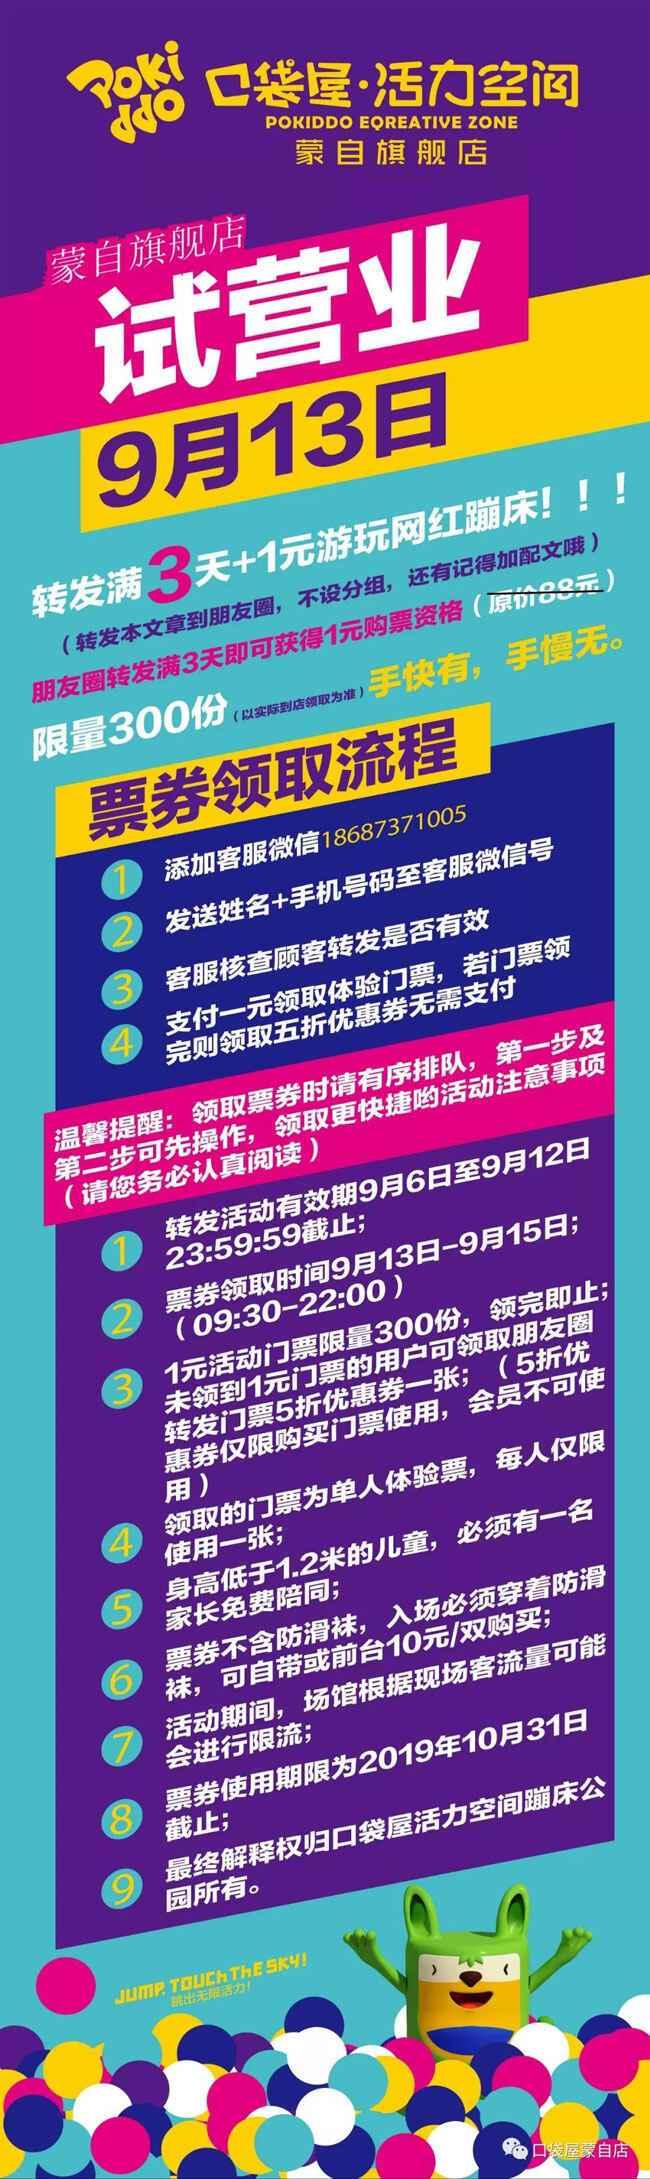 门子蹦床公园试营业活动海报